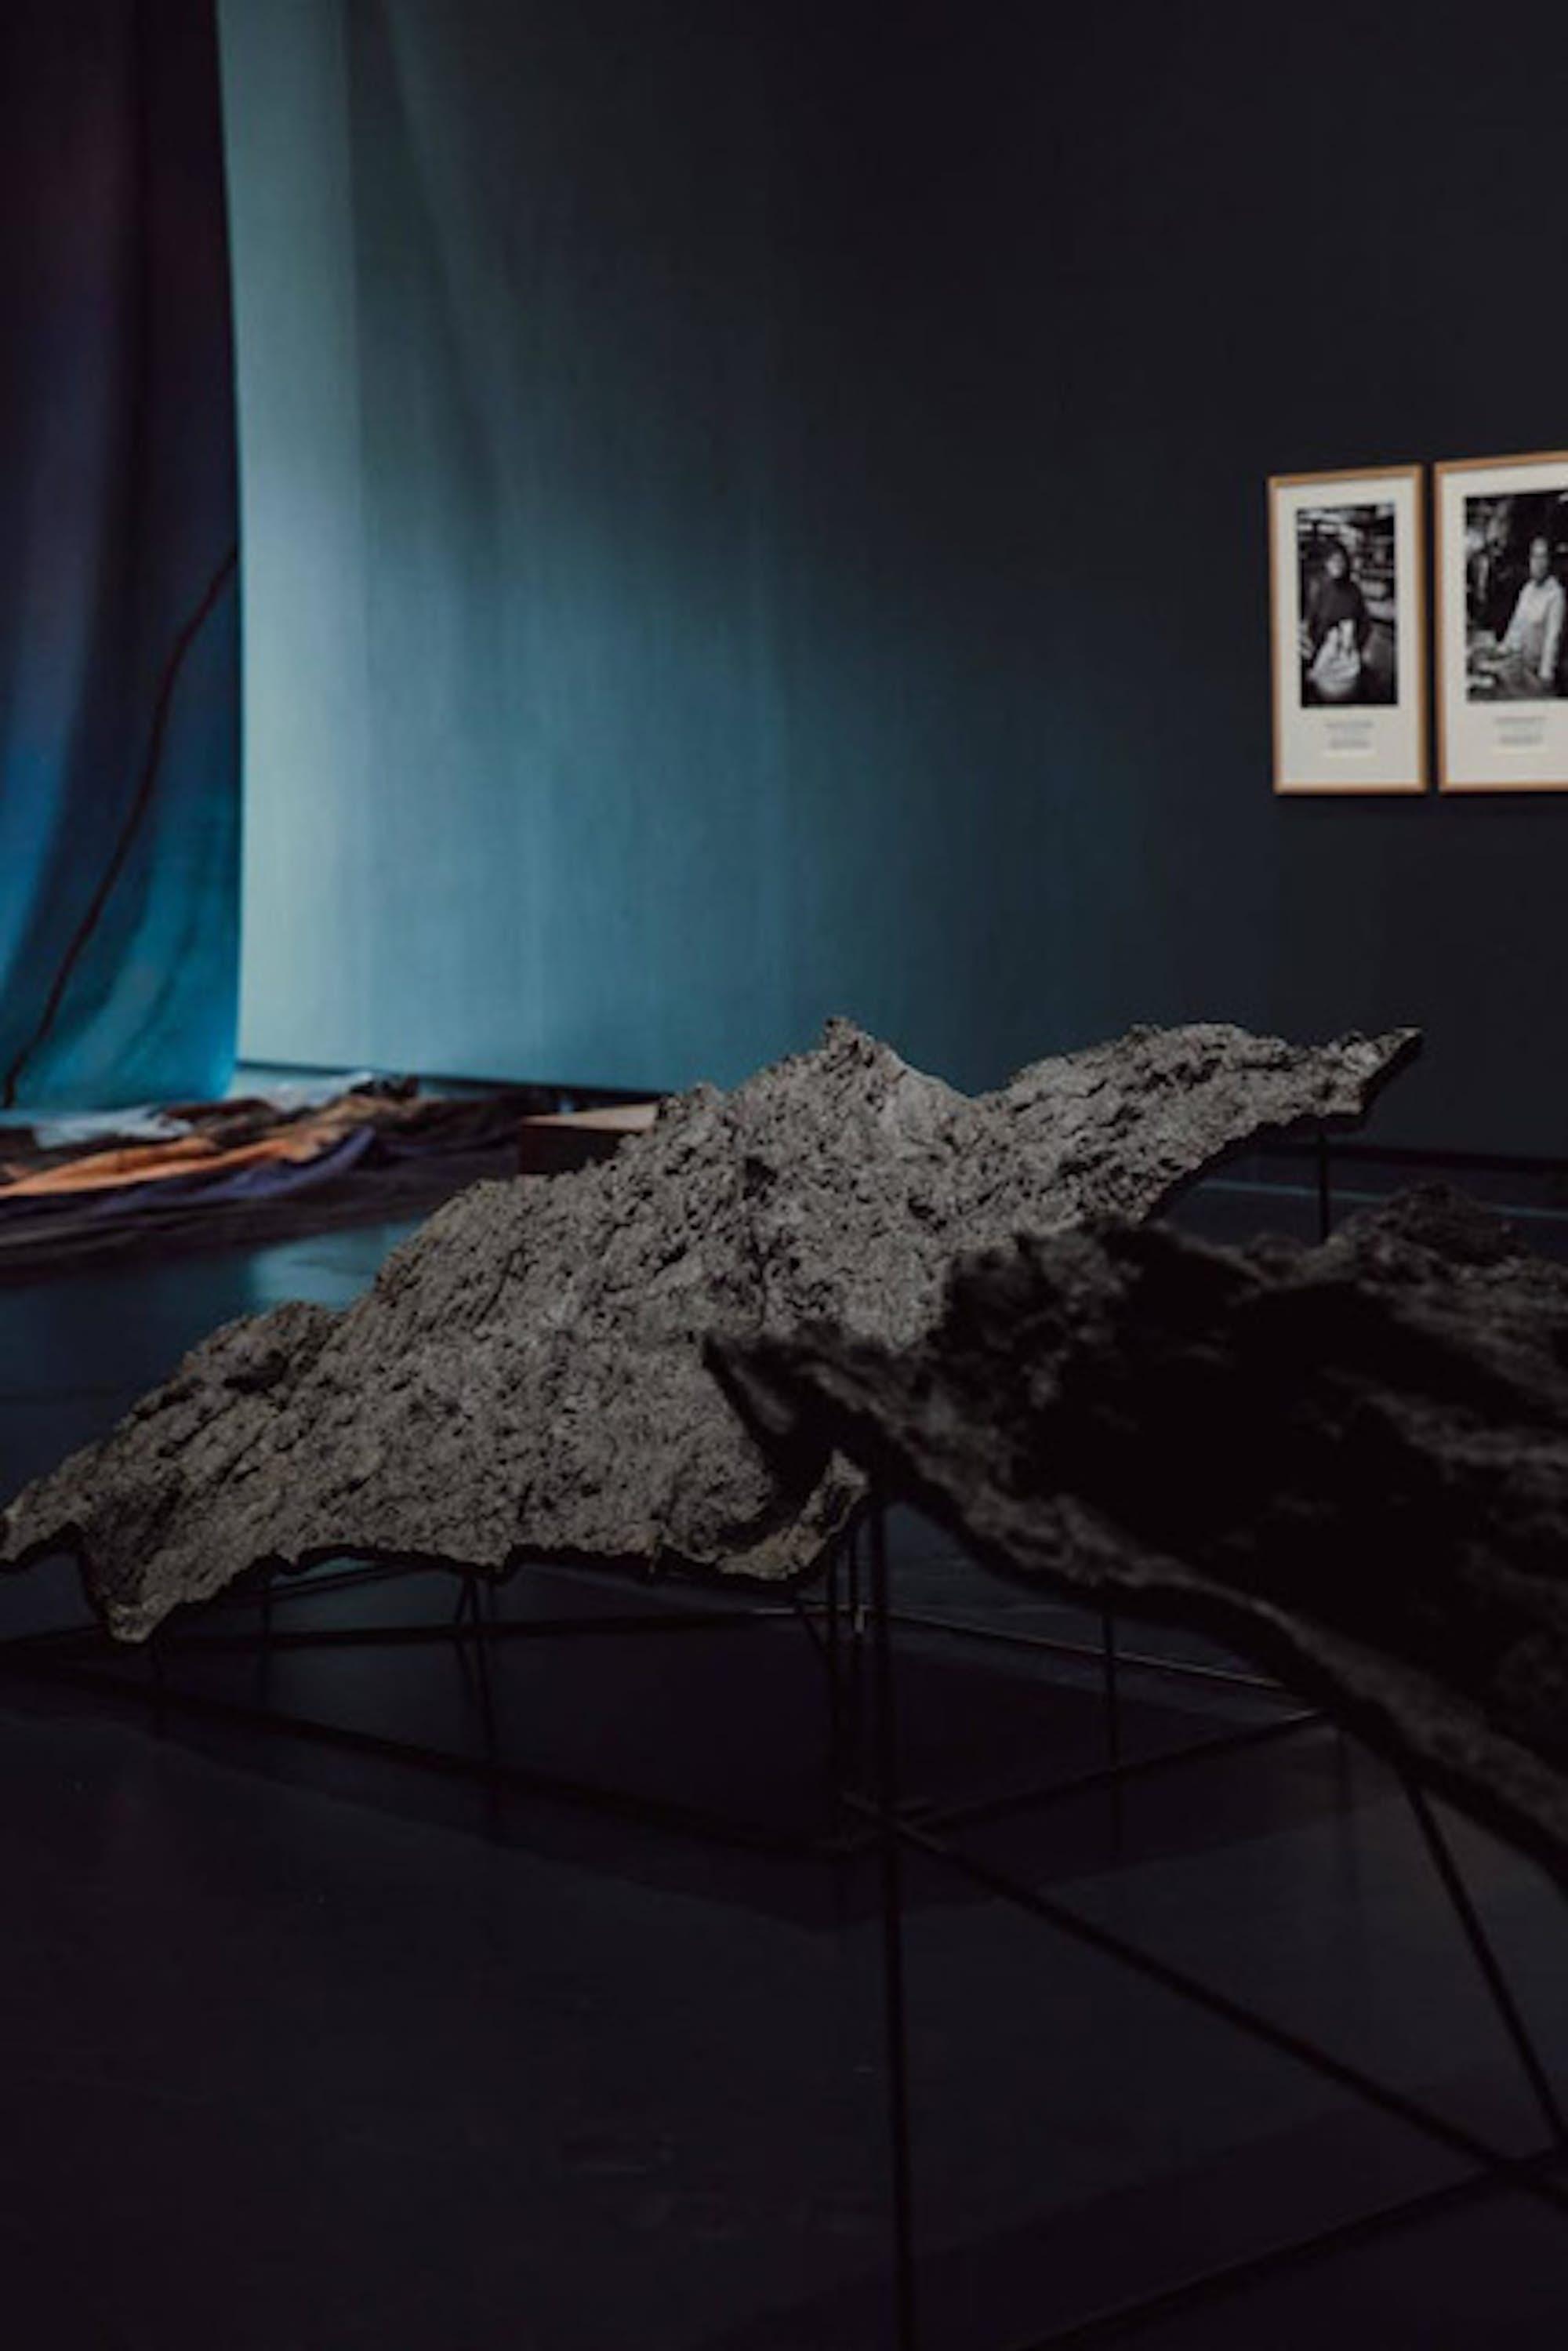 """Stijn COLE, """"Cancale #2"""", """"Cancale #3"""", 2017. Exposition La Colère de Ludd, BPS22, 2020. Photo : Leslie Artamonow"""